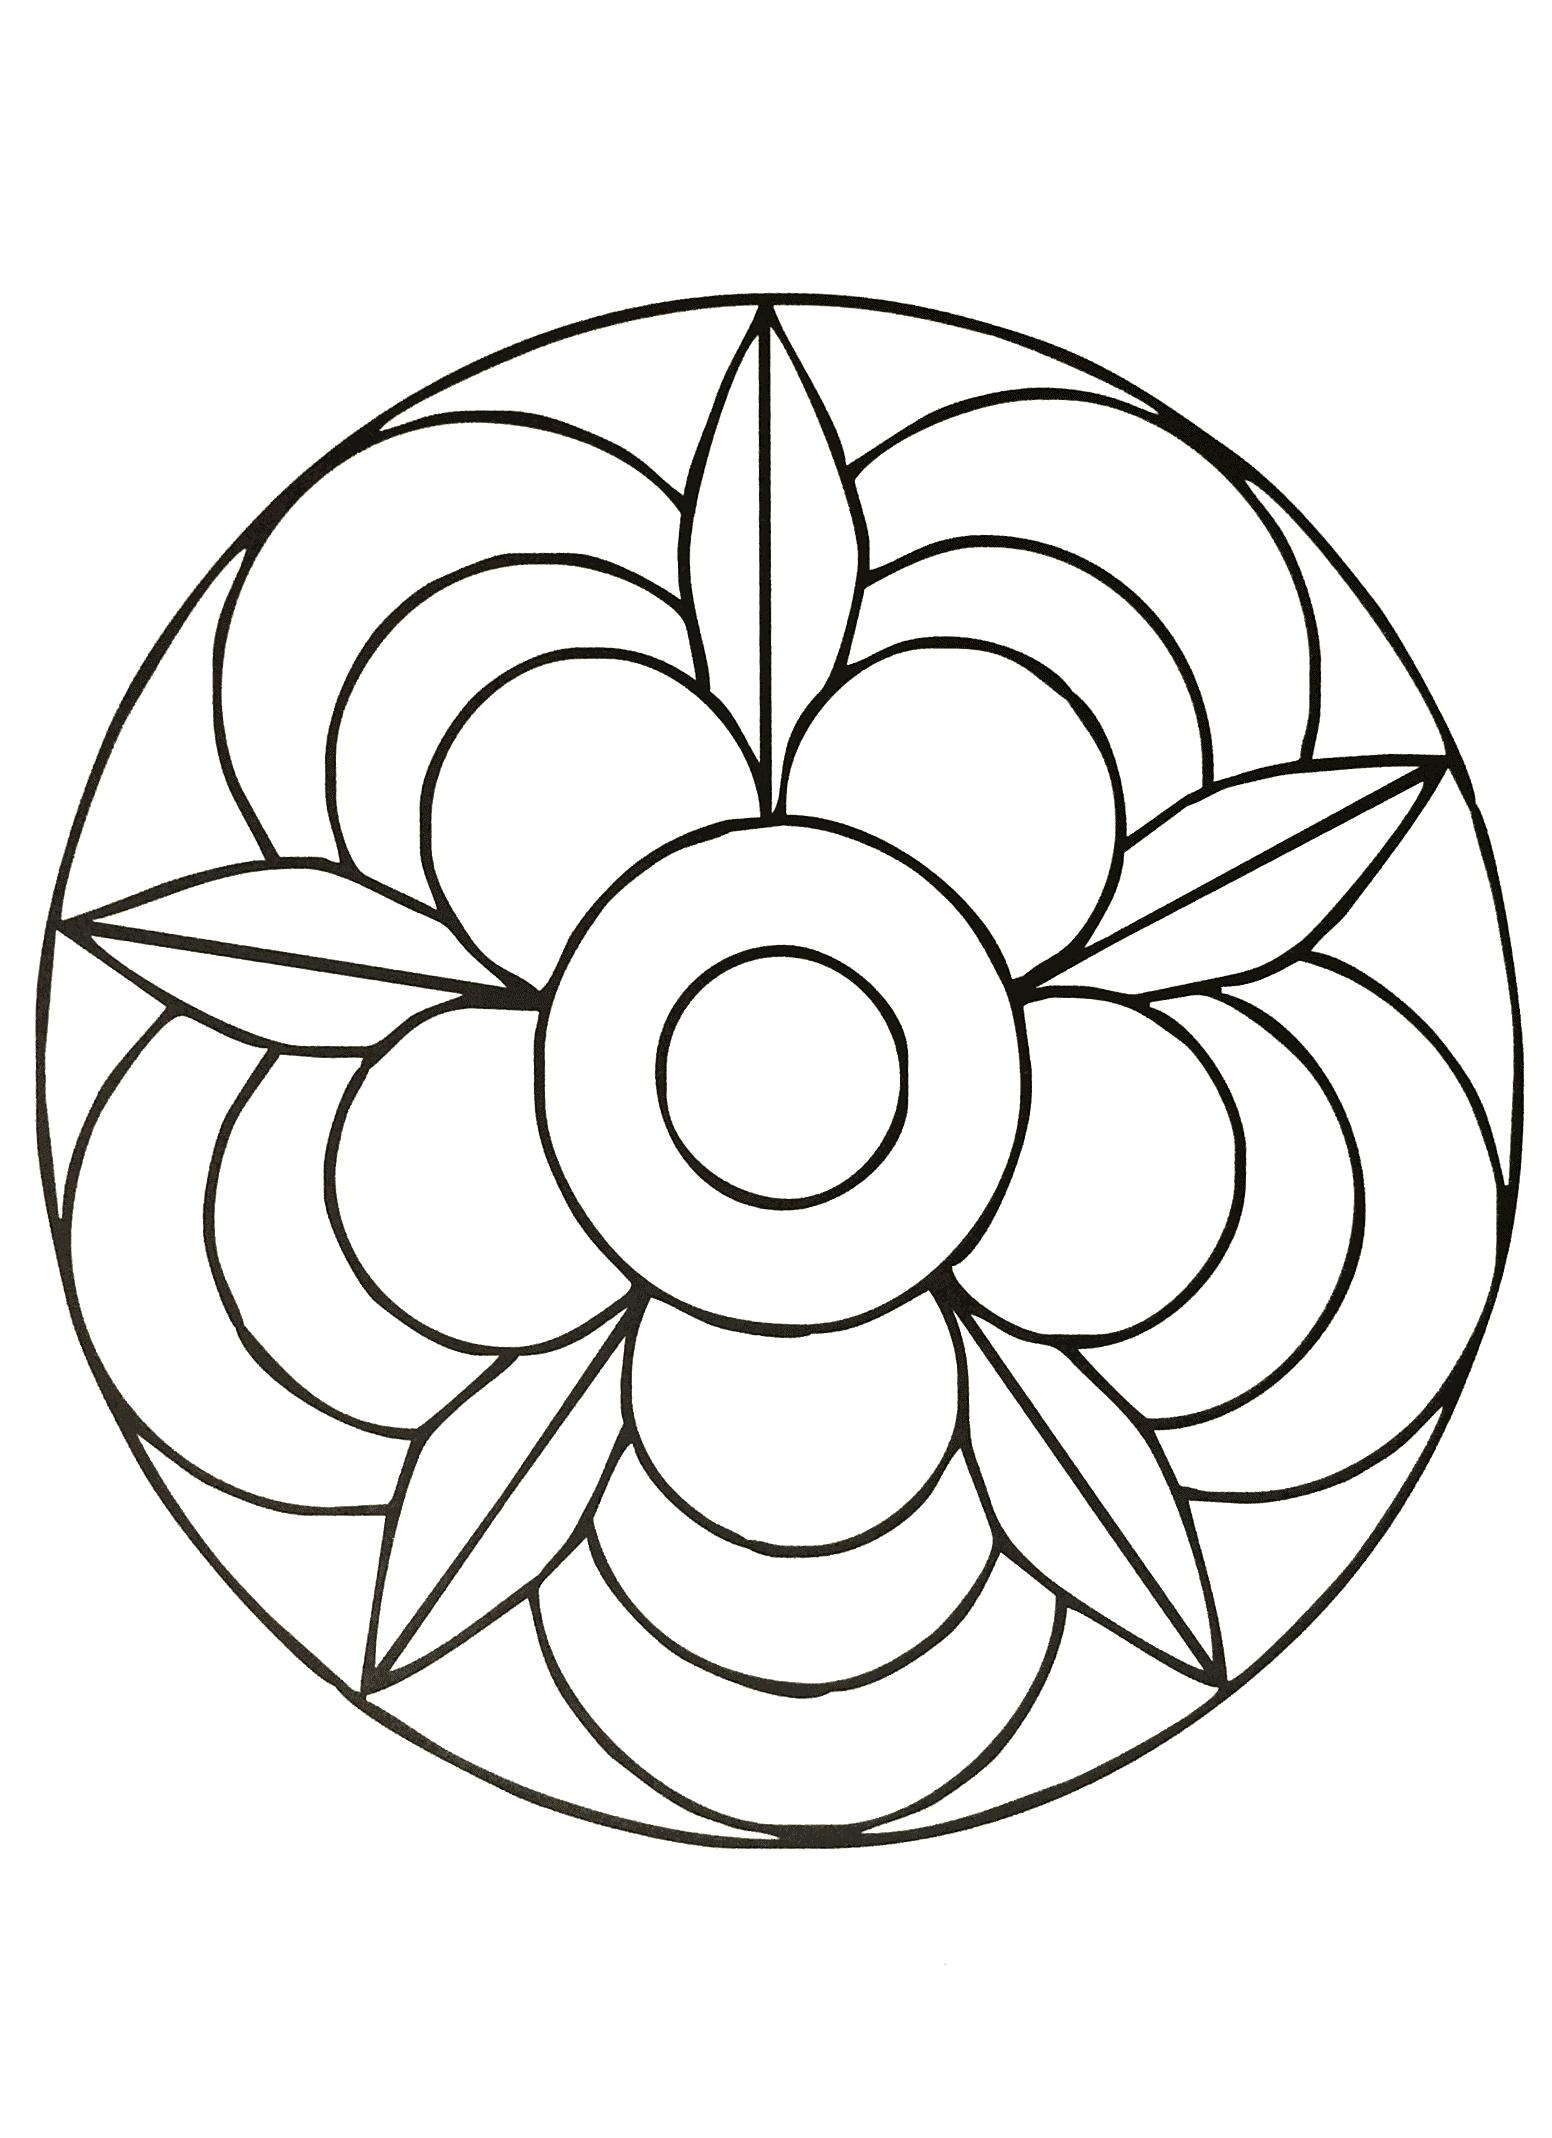 Fleur mandala mandalas faciles pour enfants 100 mandalas zen anti stress - Coloriage fleur tres jolie ...